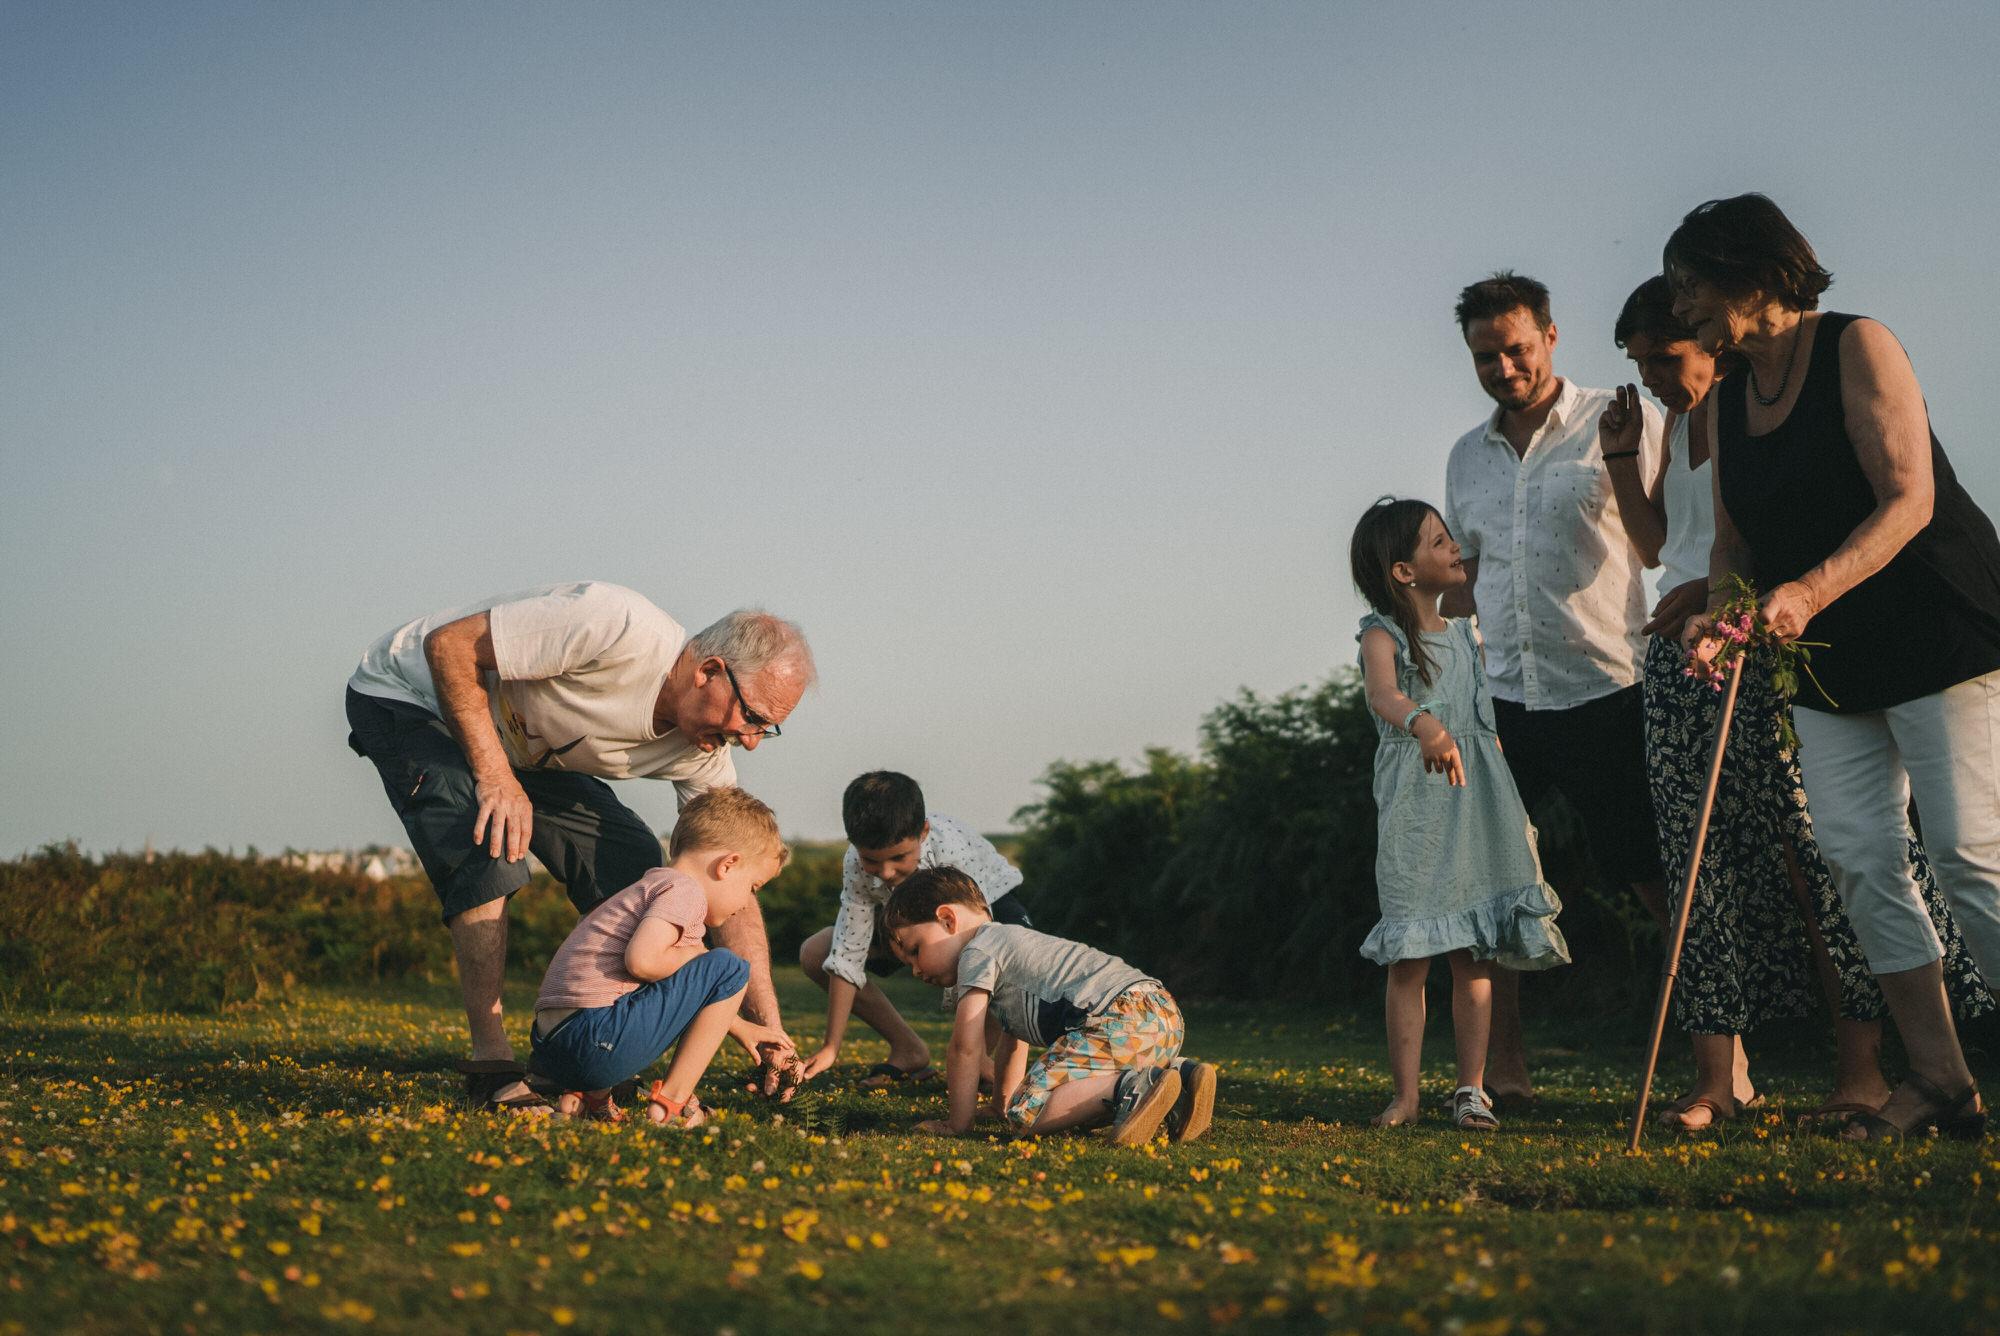 2021.07.20 Photo De Famille A Porspoder En Bretagne Par Antoine Borzeix 243, Photographe & Videaste à Brest / Finistère